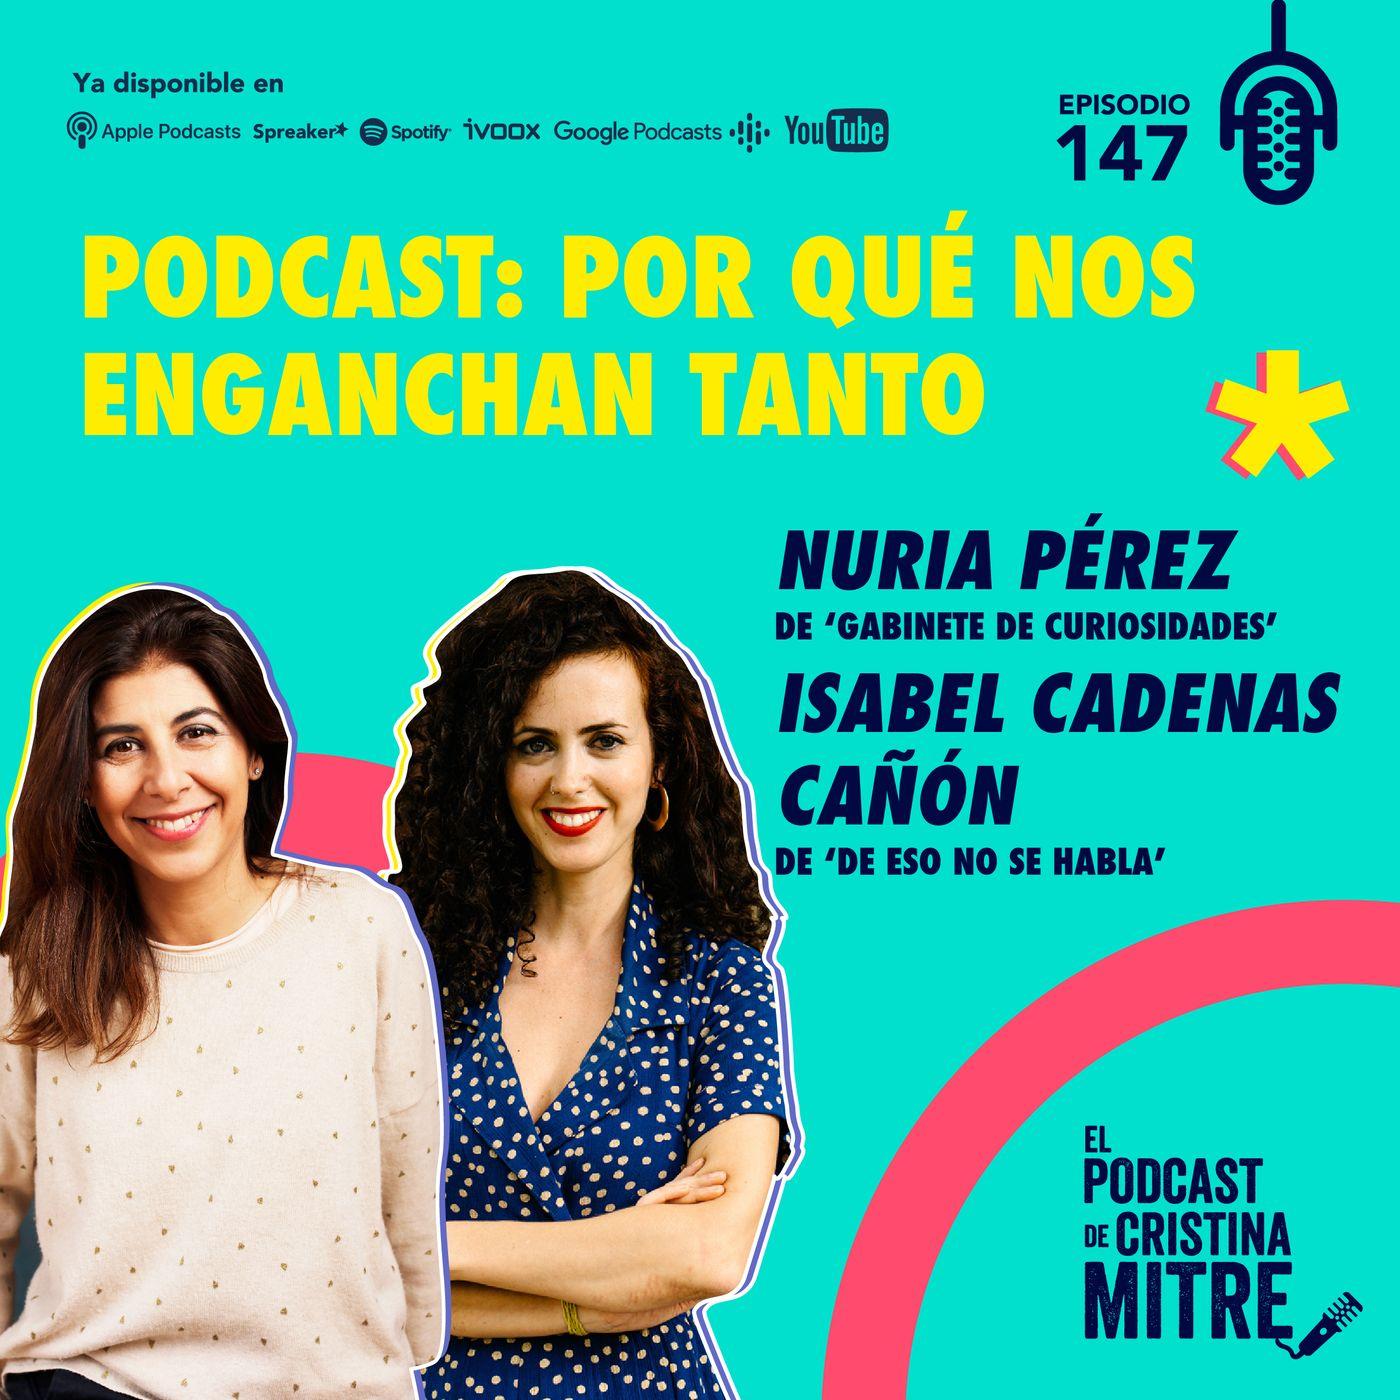 Podcast: por qué nos enganchan tanto con Isabel Cadenas Cañón y Nuria Pérez. Episodio 147